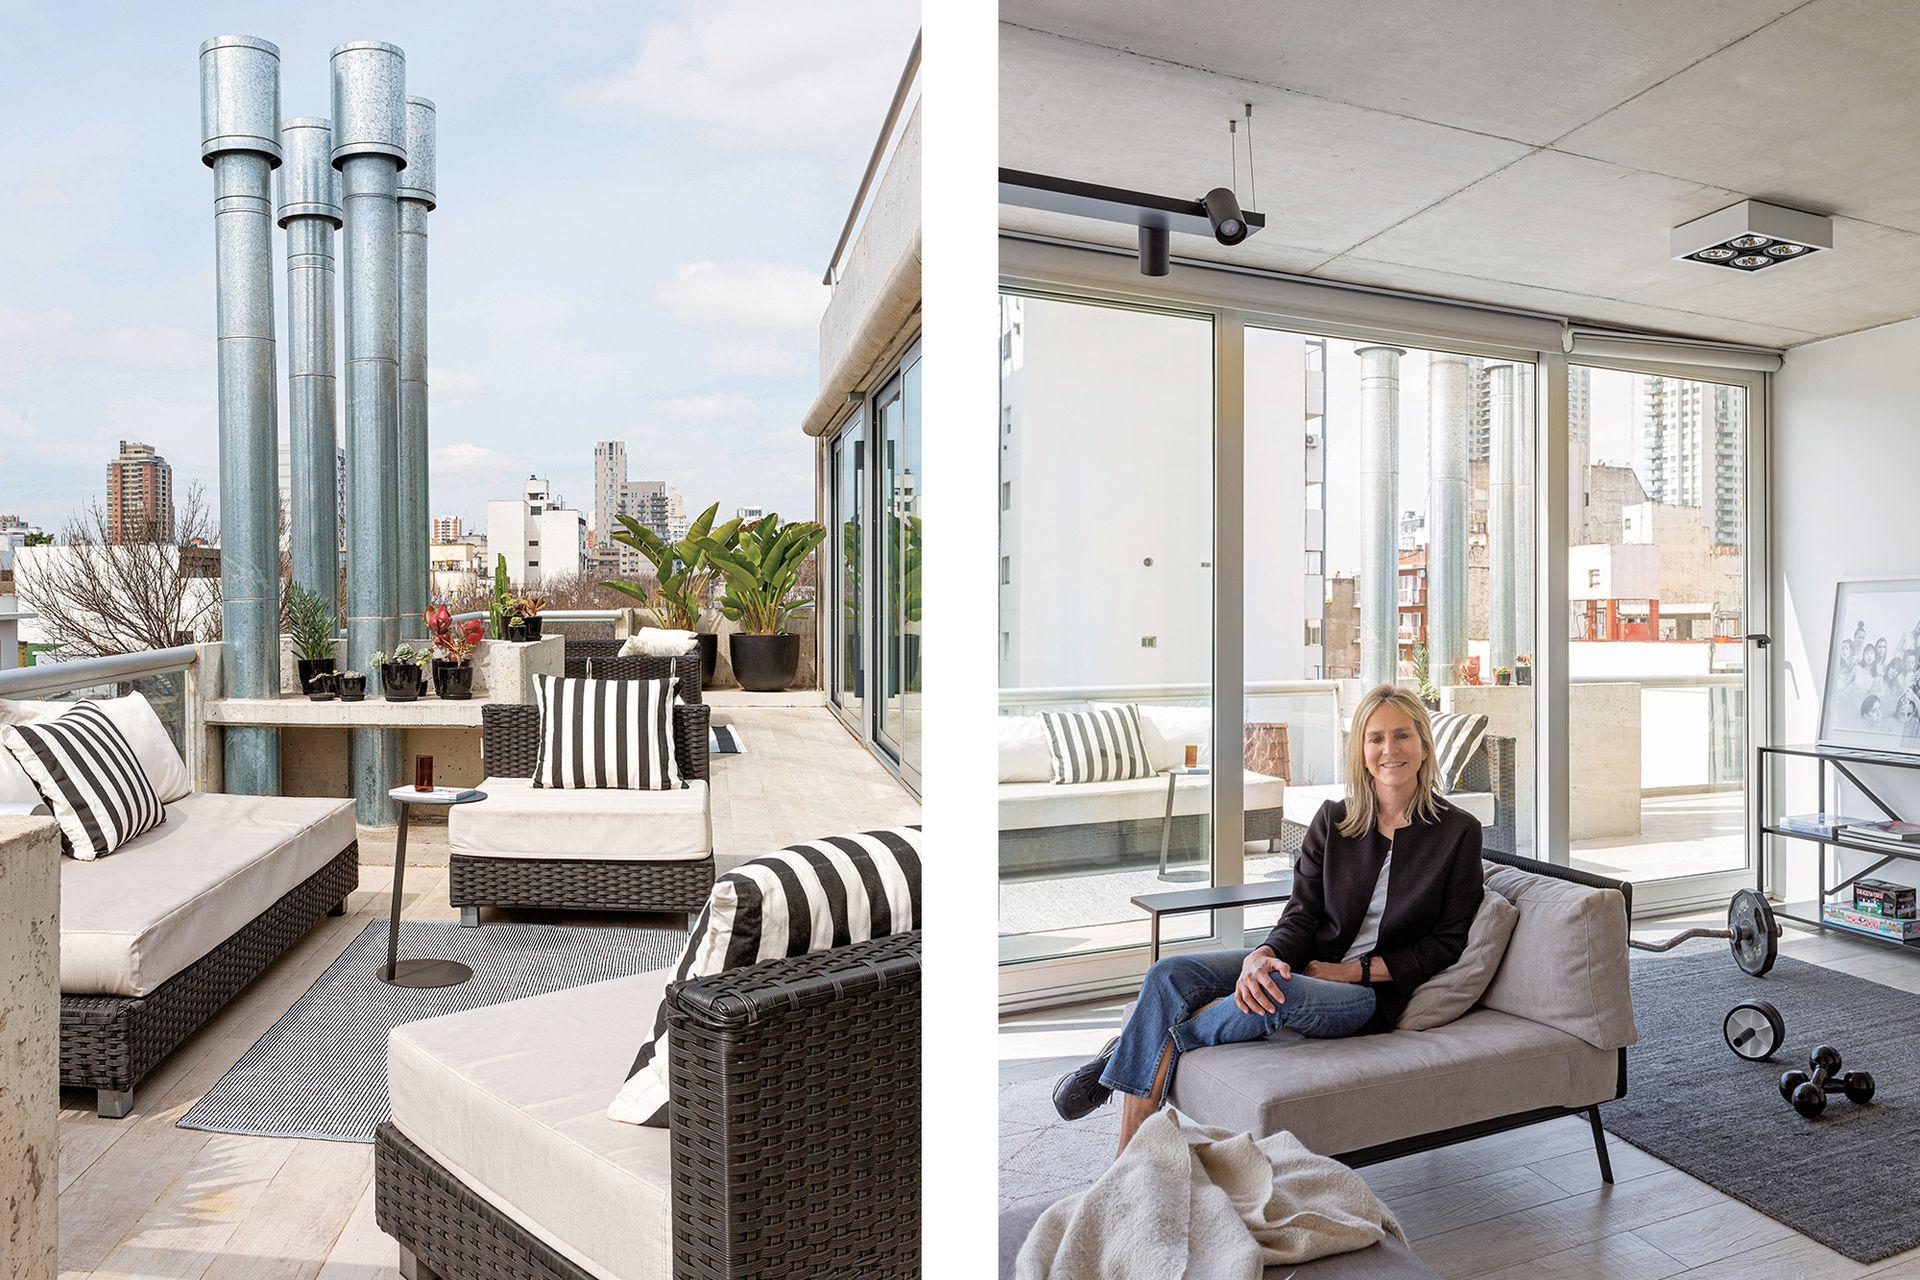 La arquitecta Cynthia De Winne, sentada en un sillón con estructura de hierro (Federico Churba). La terraza tiene sectores definidos según su uso. En su living, muebles de exterior (Mausy Design).